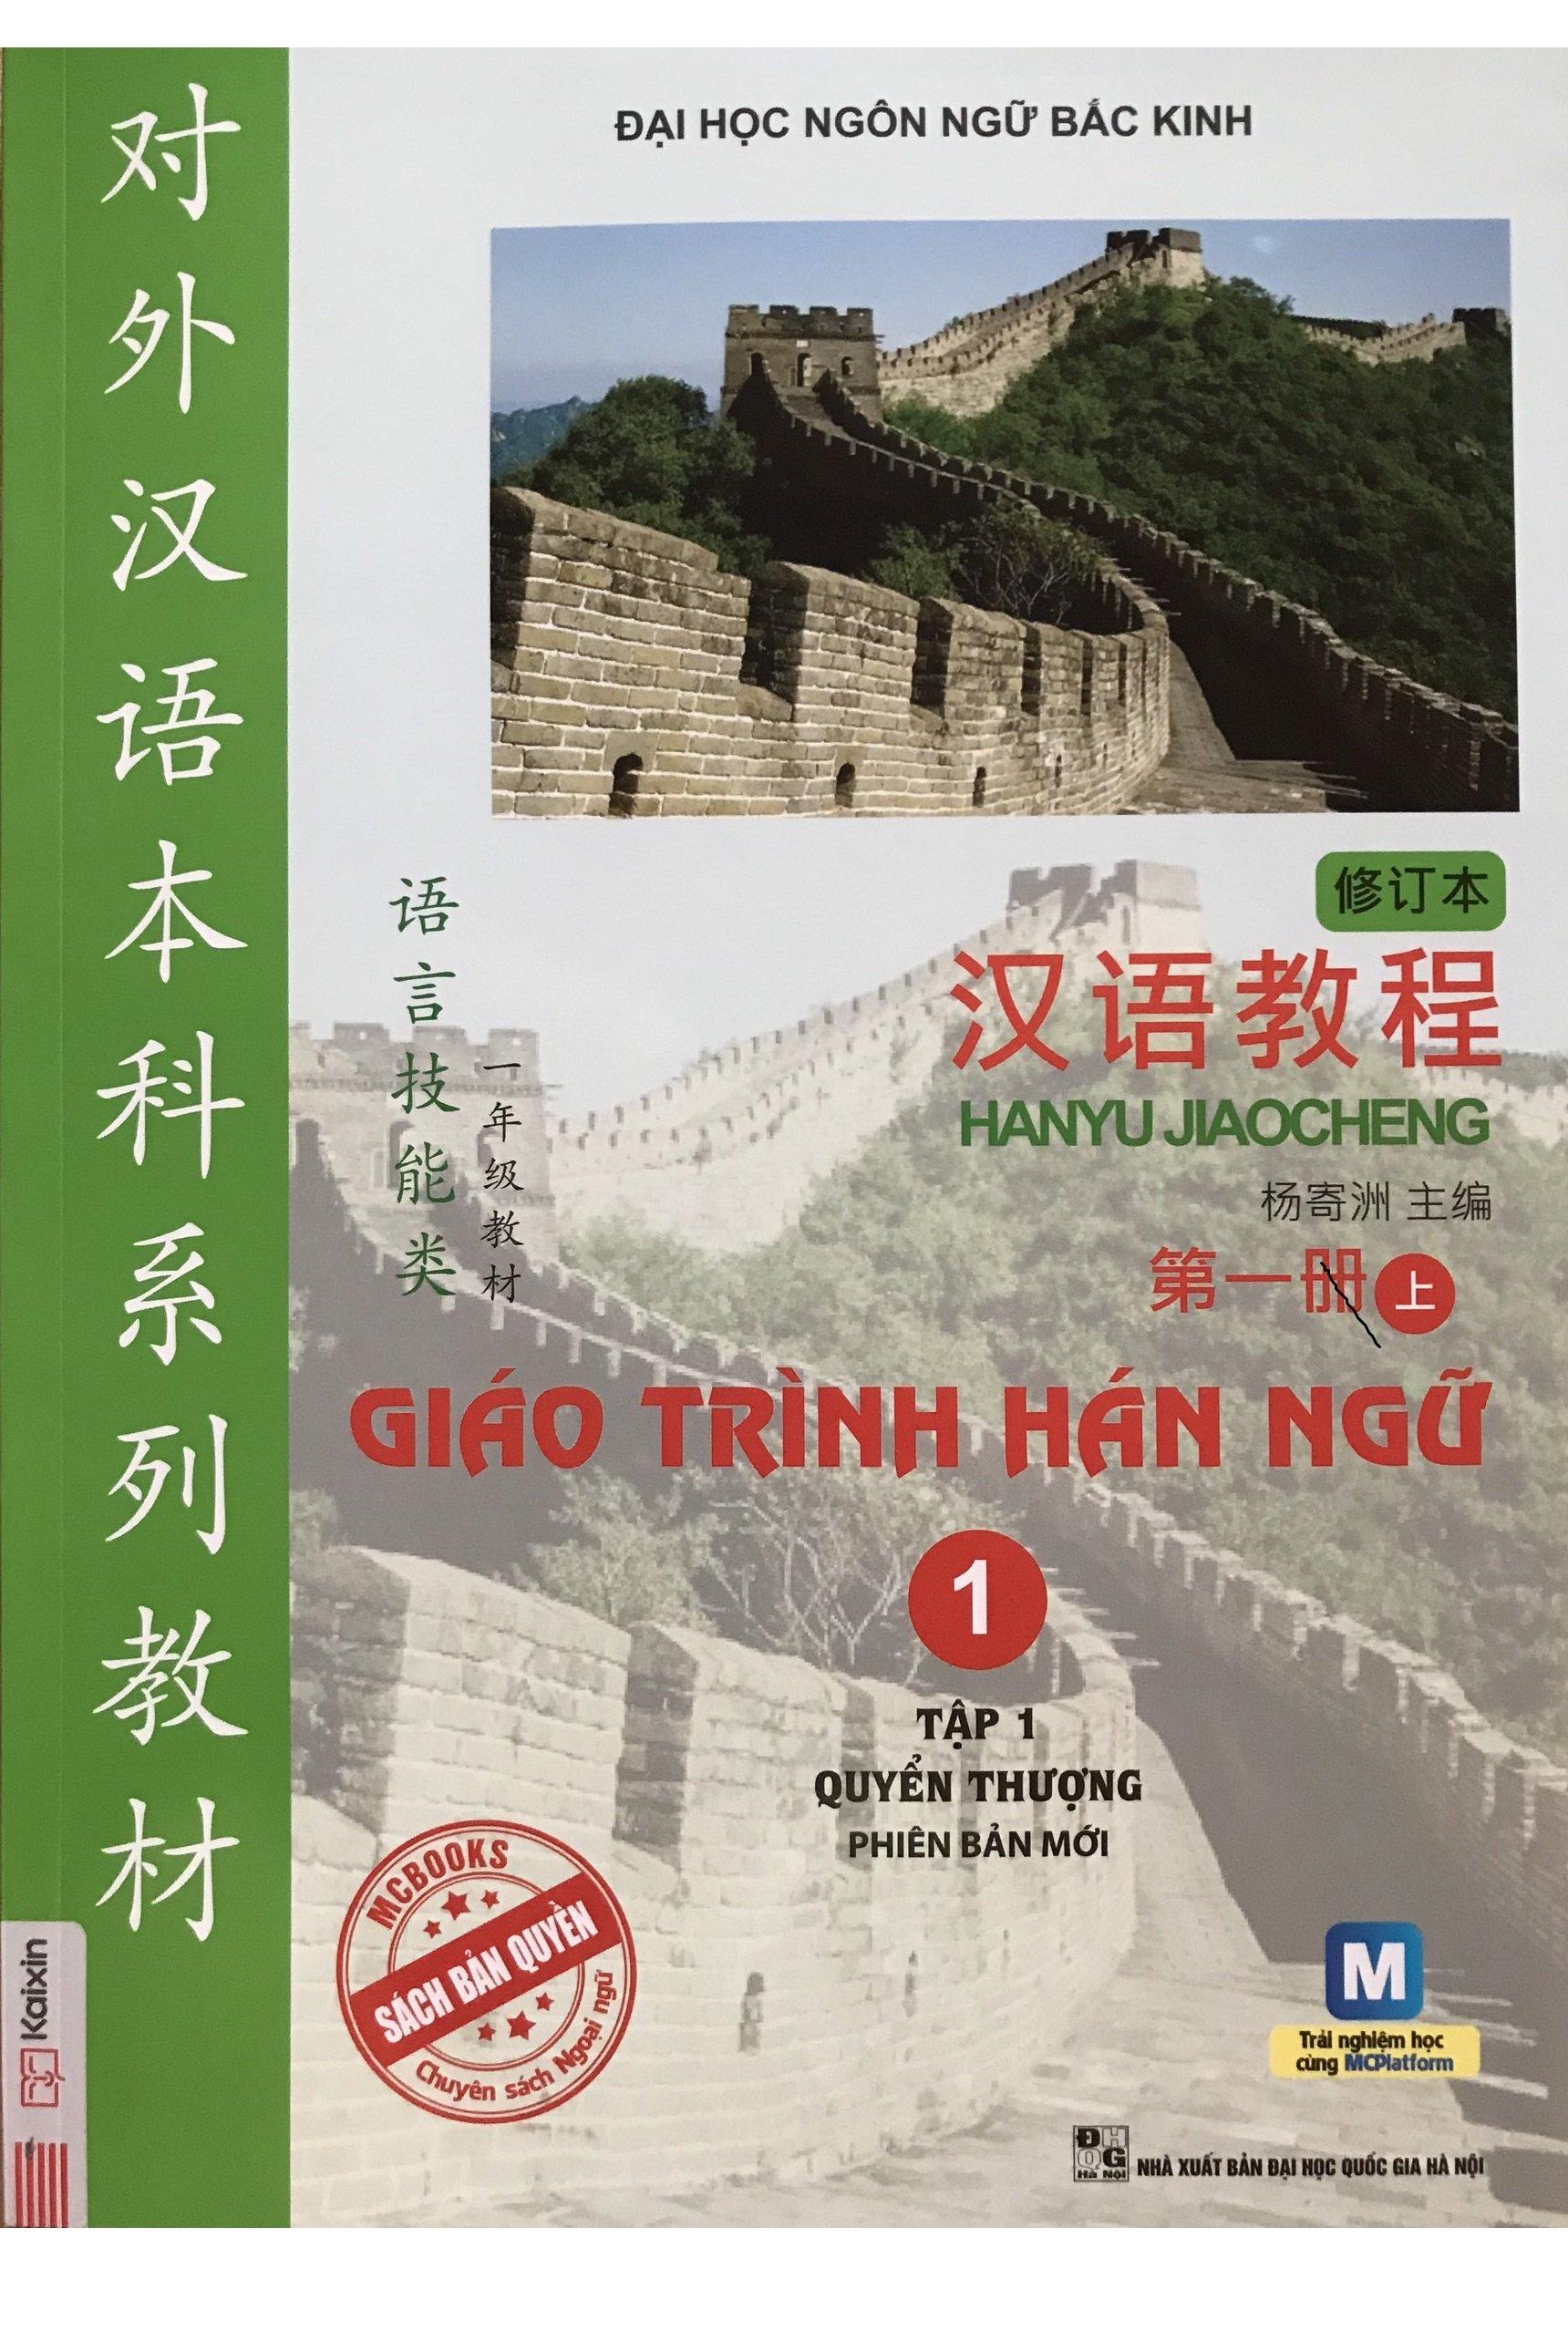 Hình ảnh Giáo Trình Hán Ngữ 1 - Tập 1 - Quyển Thượng (Phiên Bản Mới)